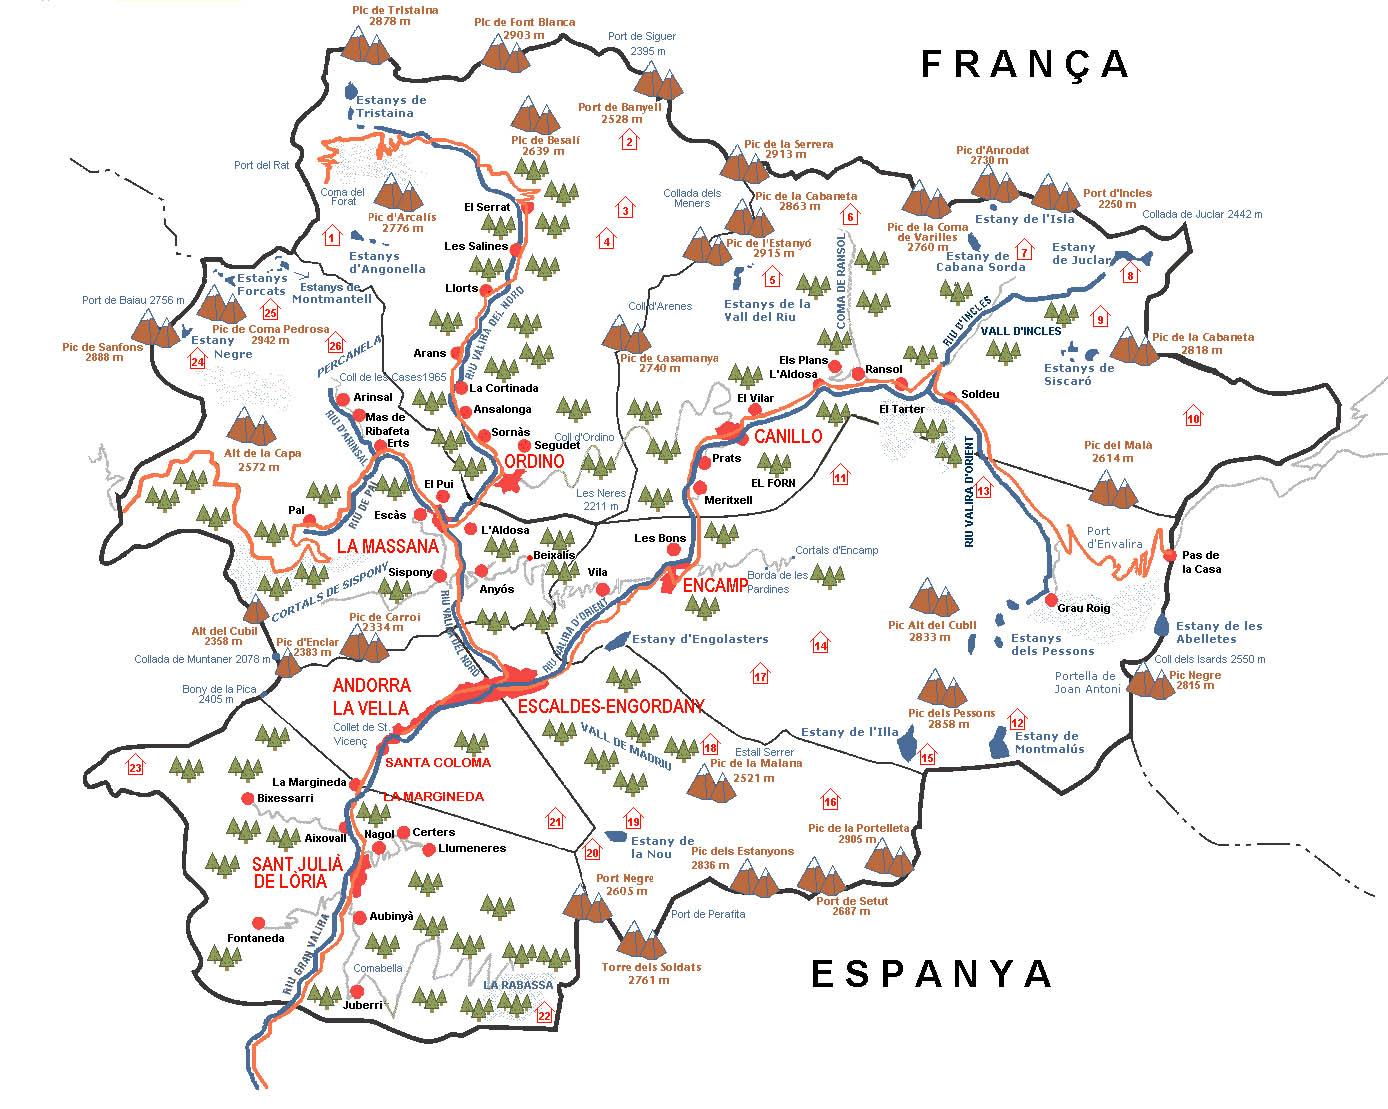 aeroportos espanha mapa Mapas da cidade de Andorra | MapasBlog aeroportos espanha mapa